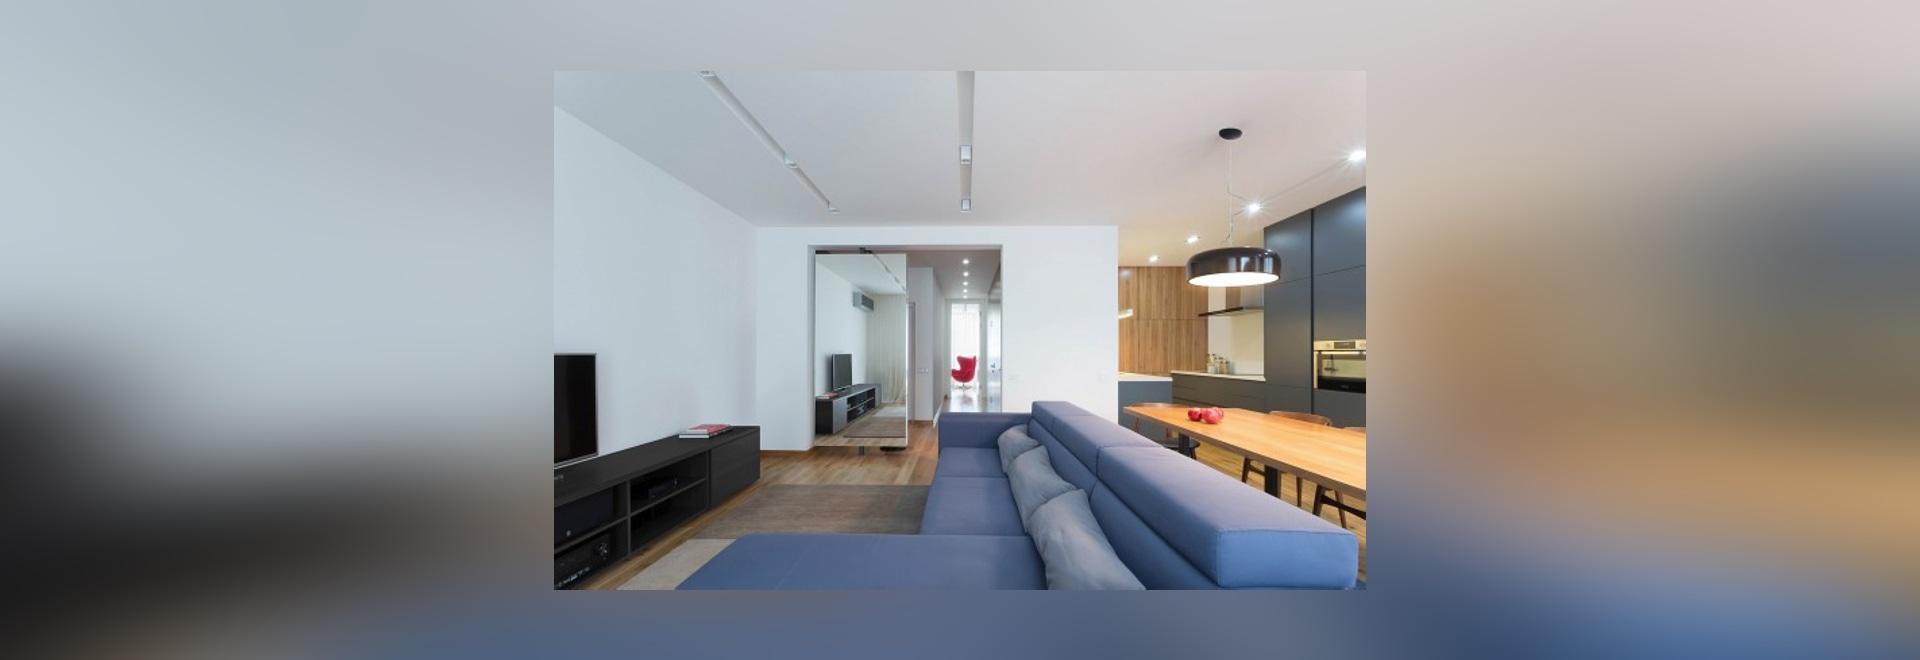 Zwei Moderne Häuser Mit Räumen Für Kleine Kinder [mit Fußboden Plänen]